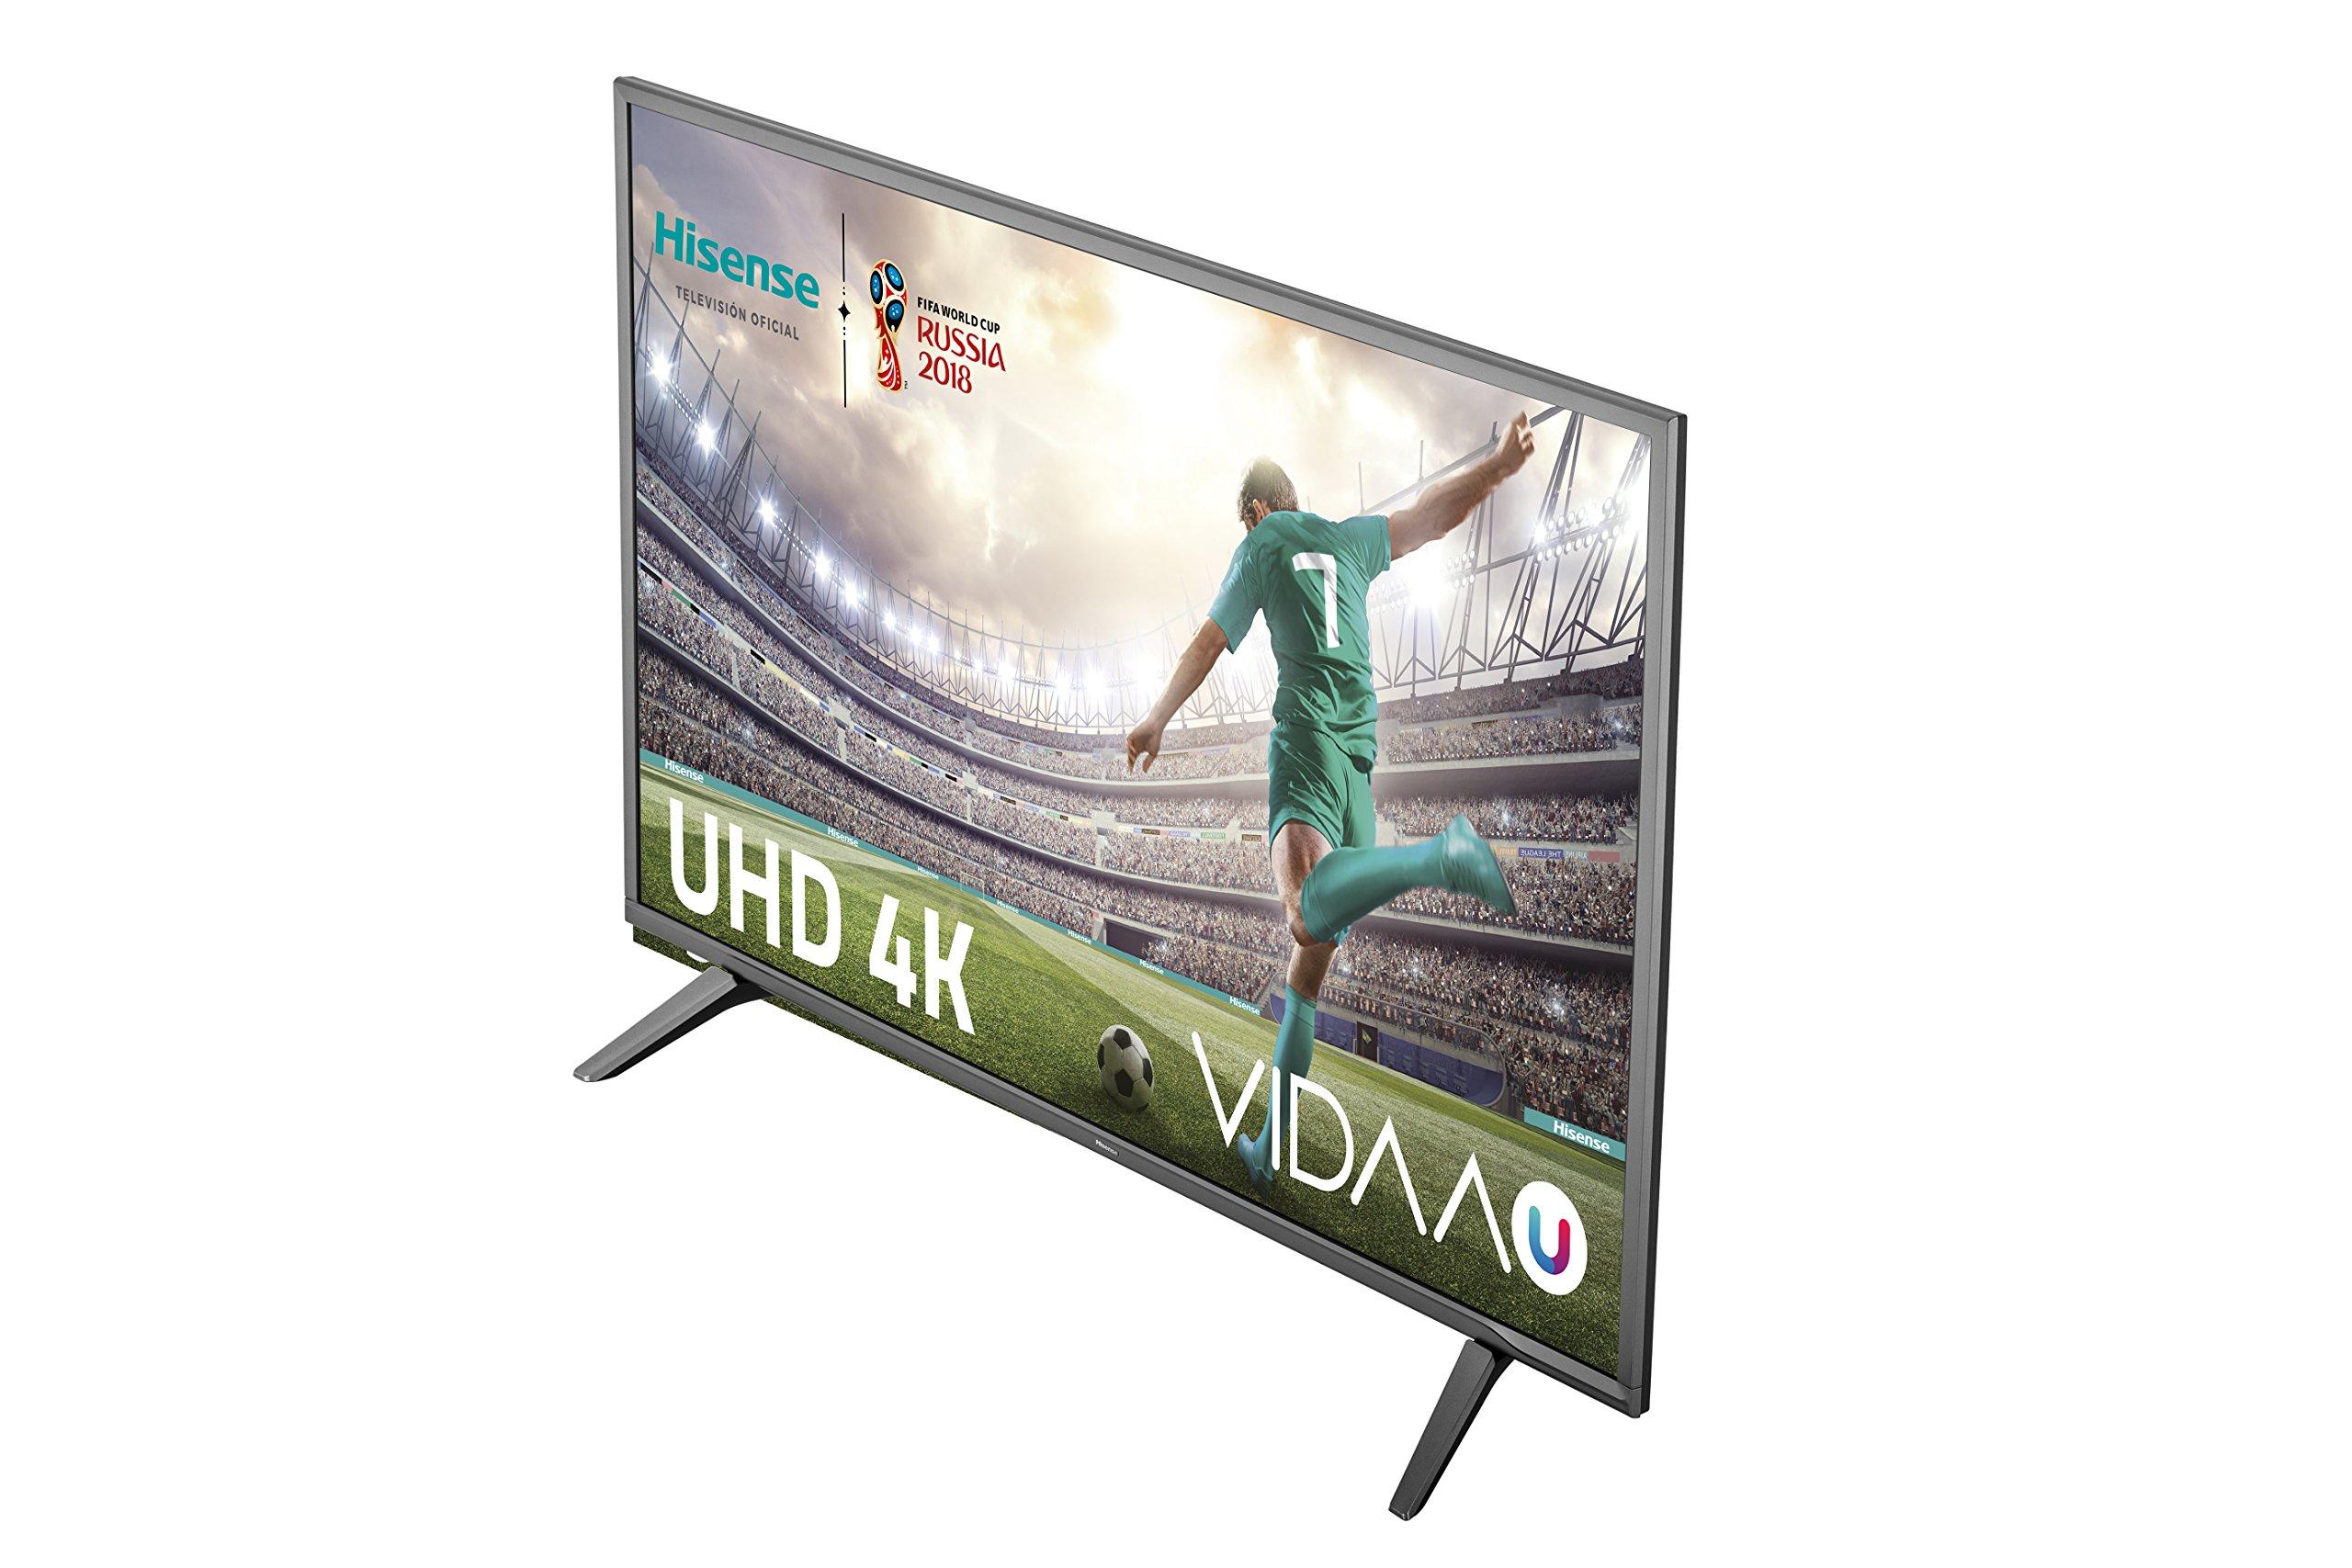 Hisense 49NEC5600 televisor 49